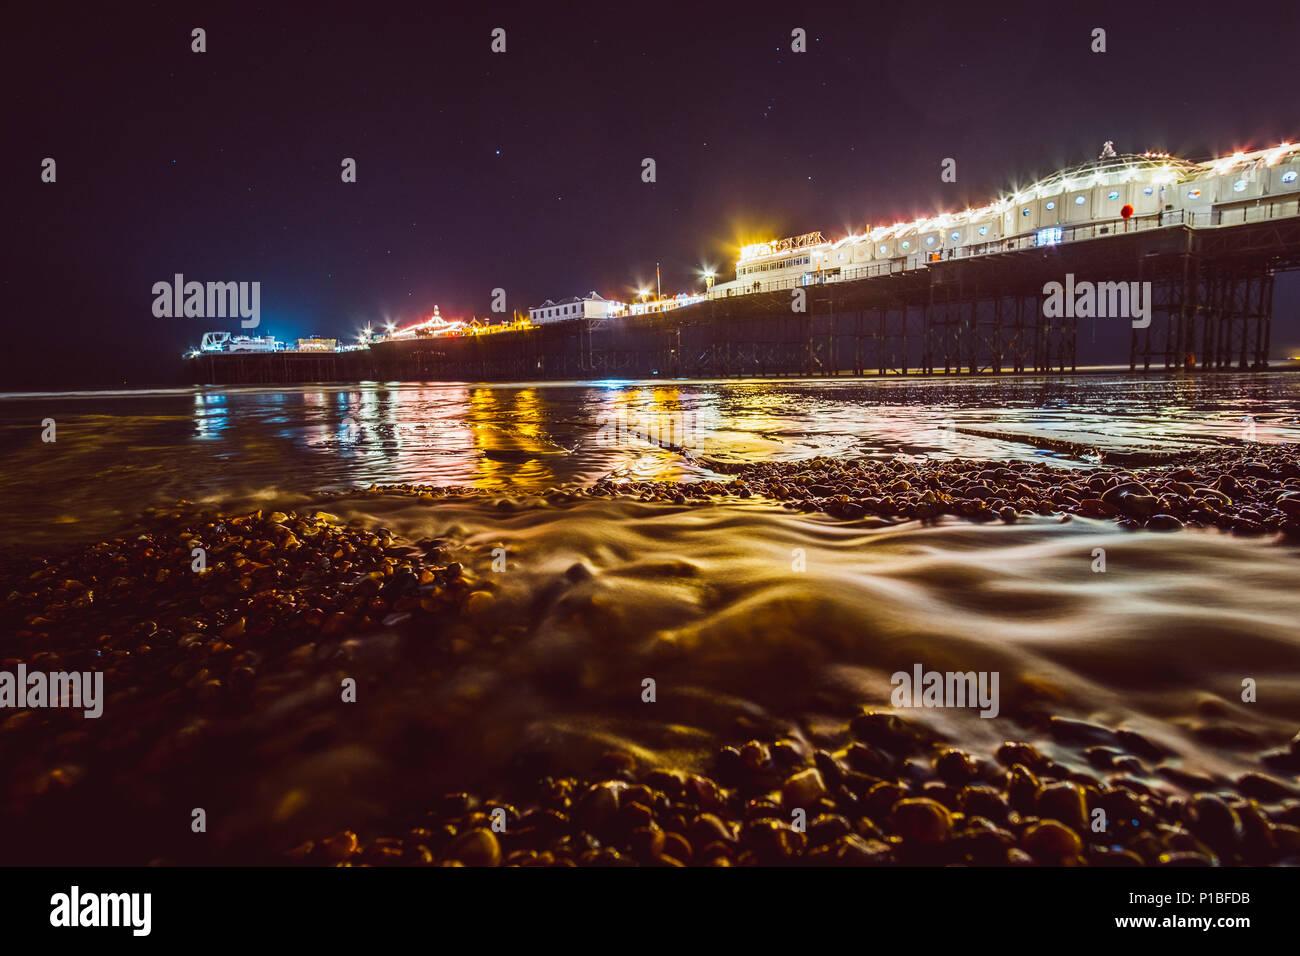 Brighton pier at night, Brighton, England - Stock Image